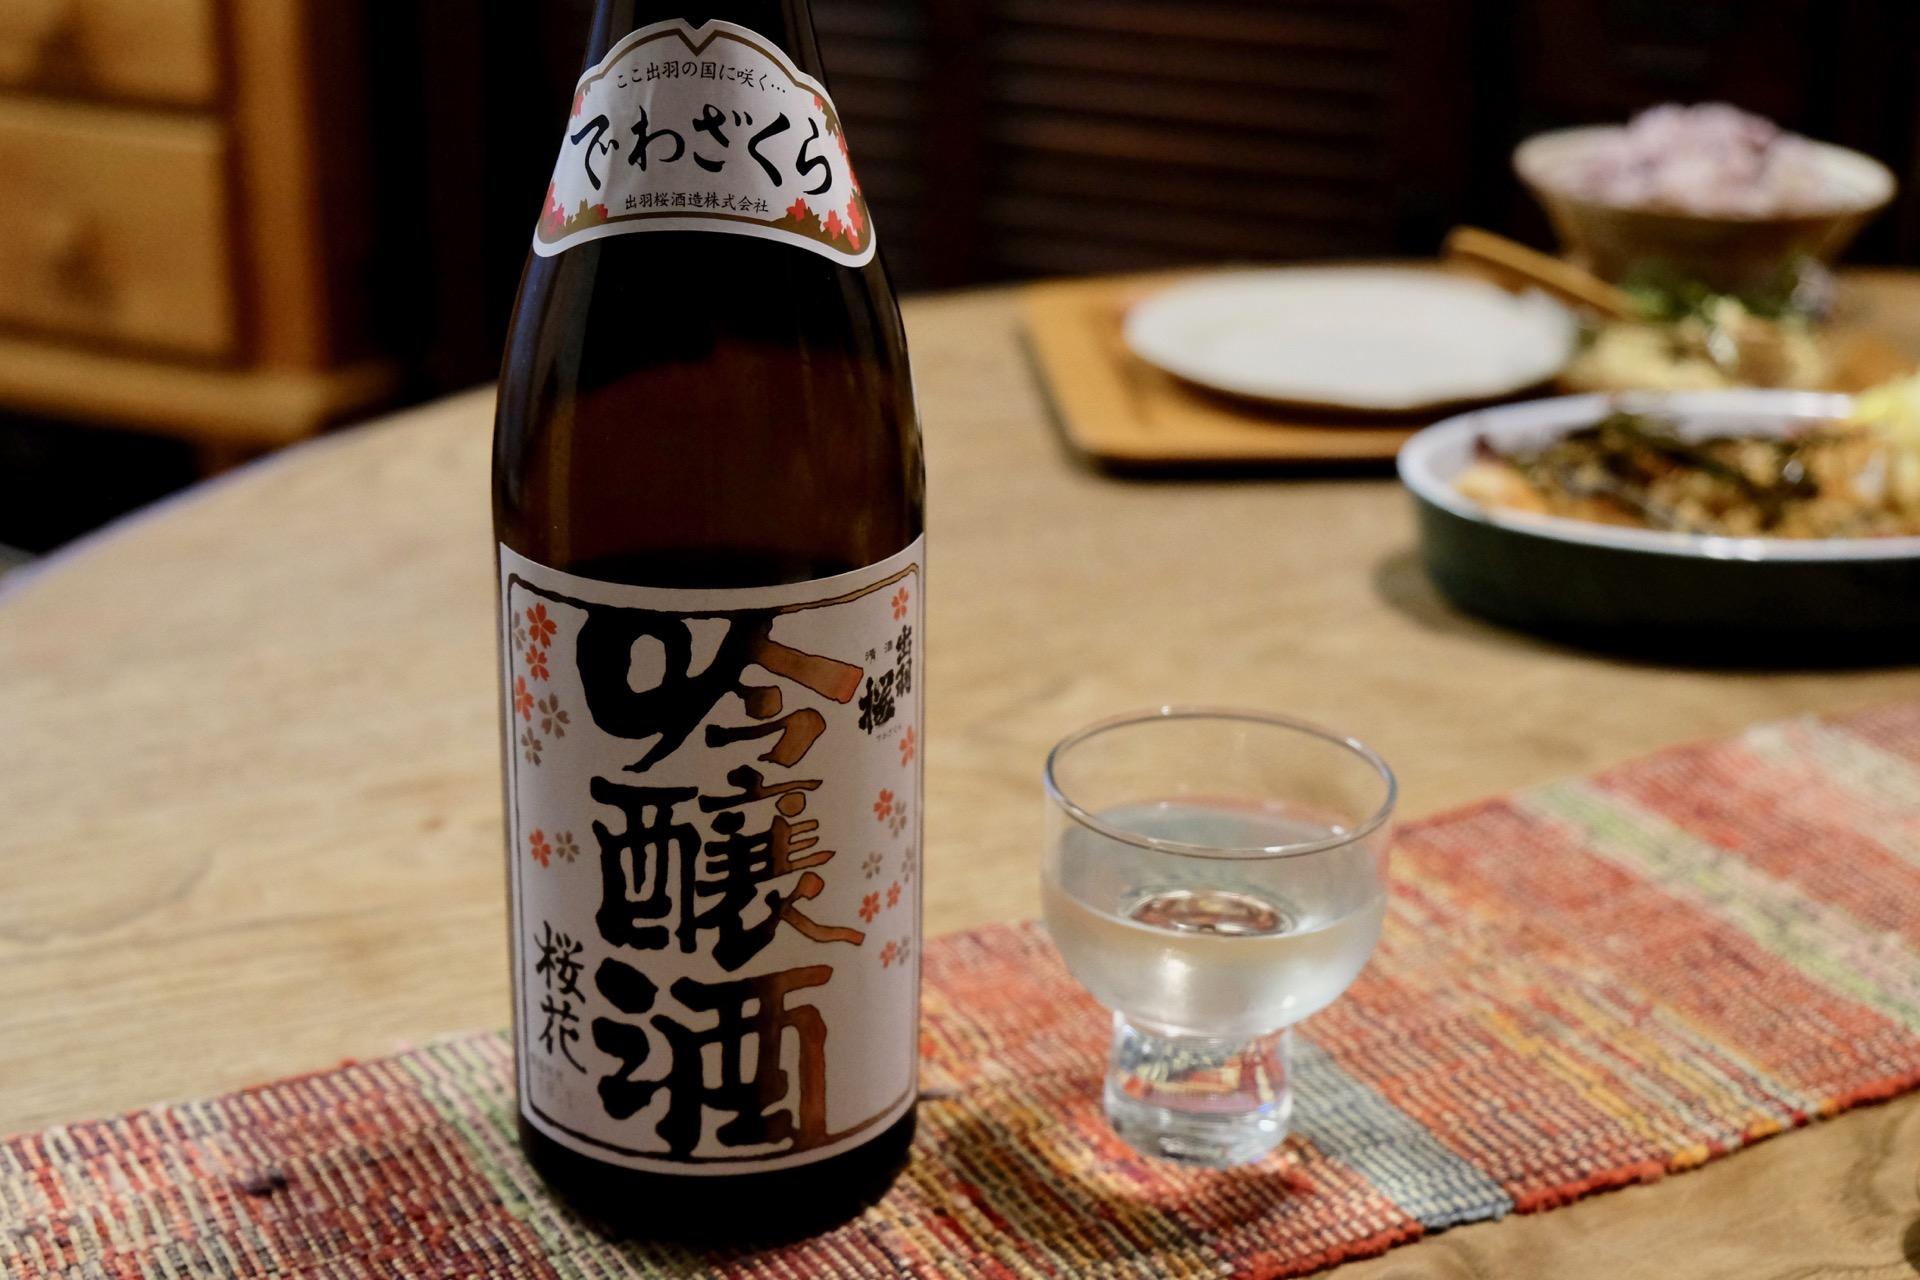 出羽桜 桜花 吟醸酒|日本酒テイスティングノート